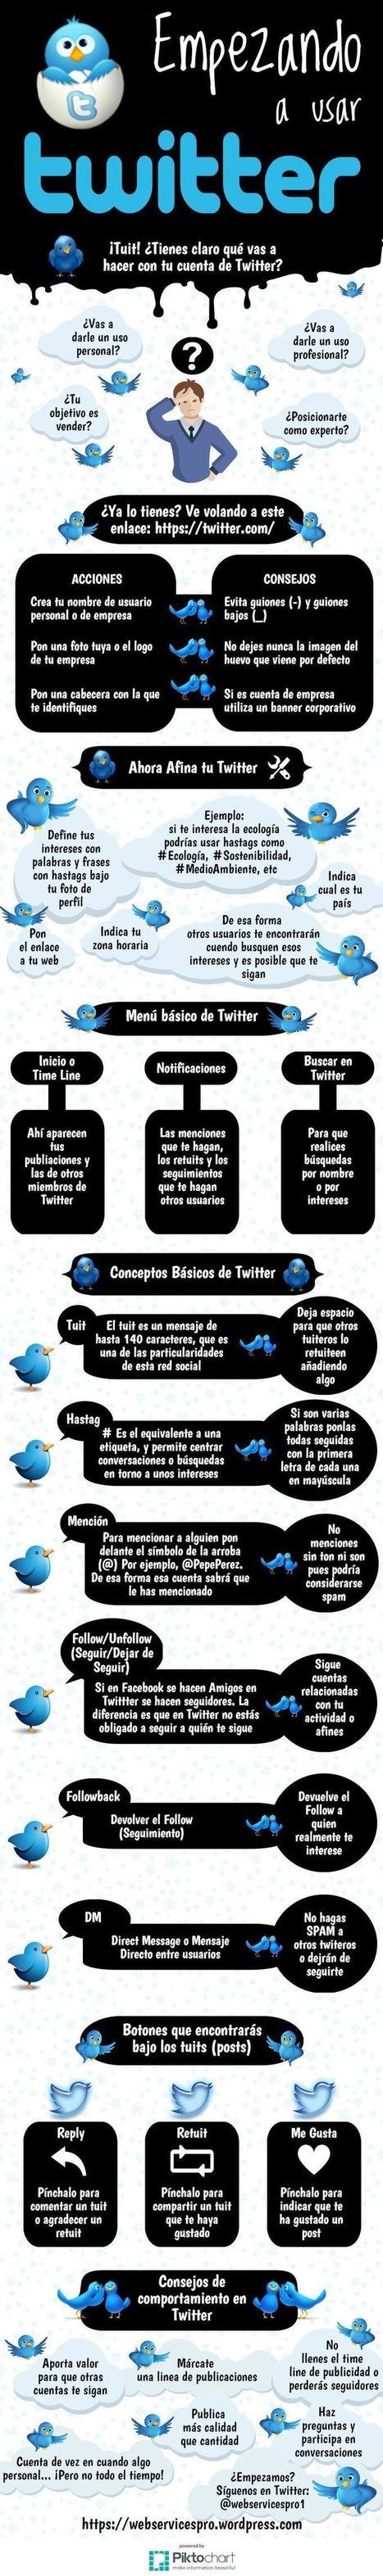 Cómo comenzar a usar Twitter | Biblioteca Escolar | Scoop.it